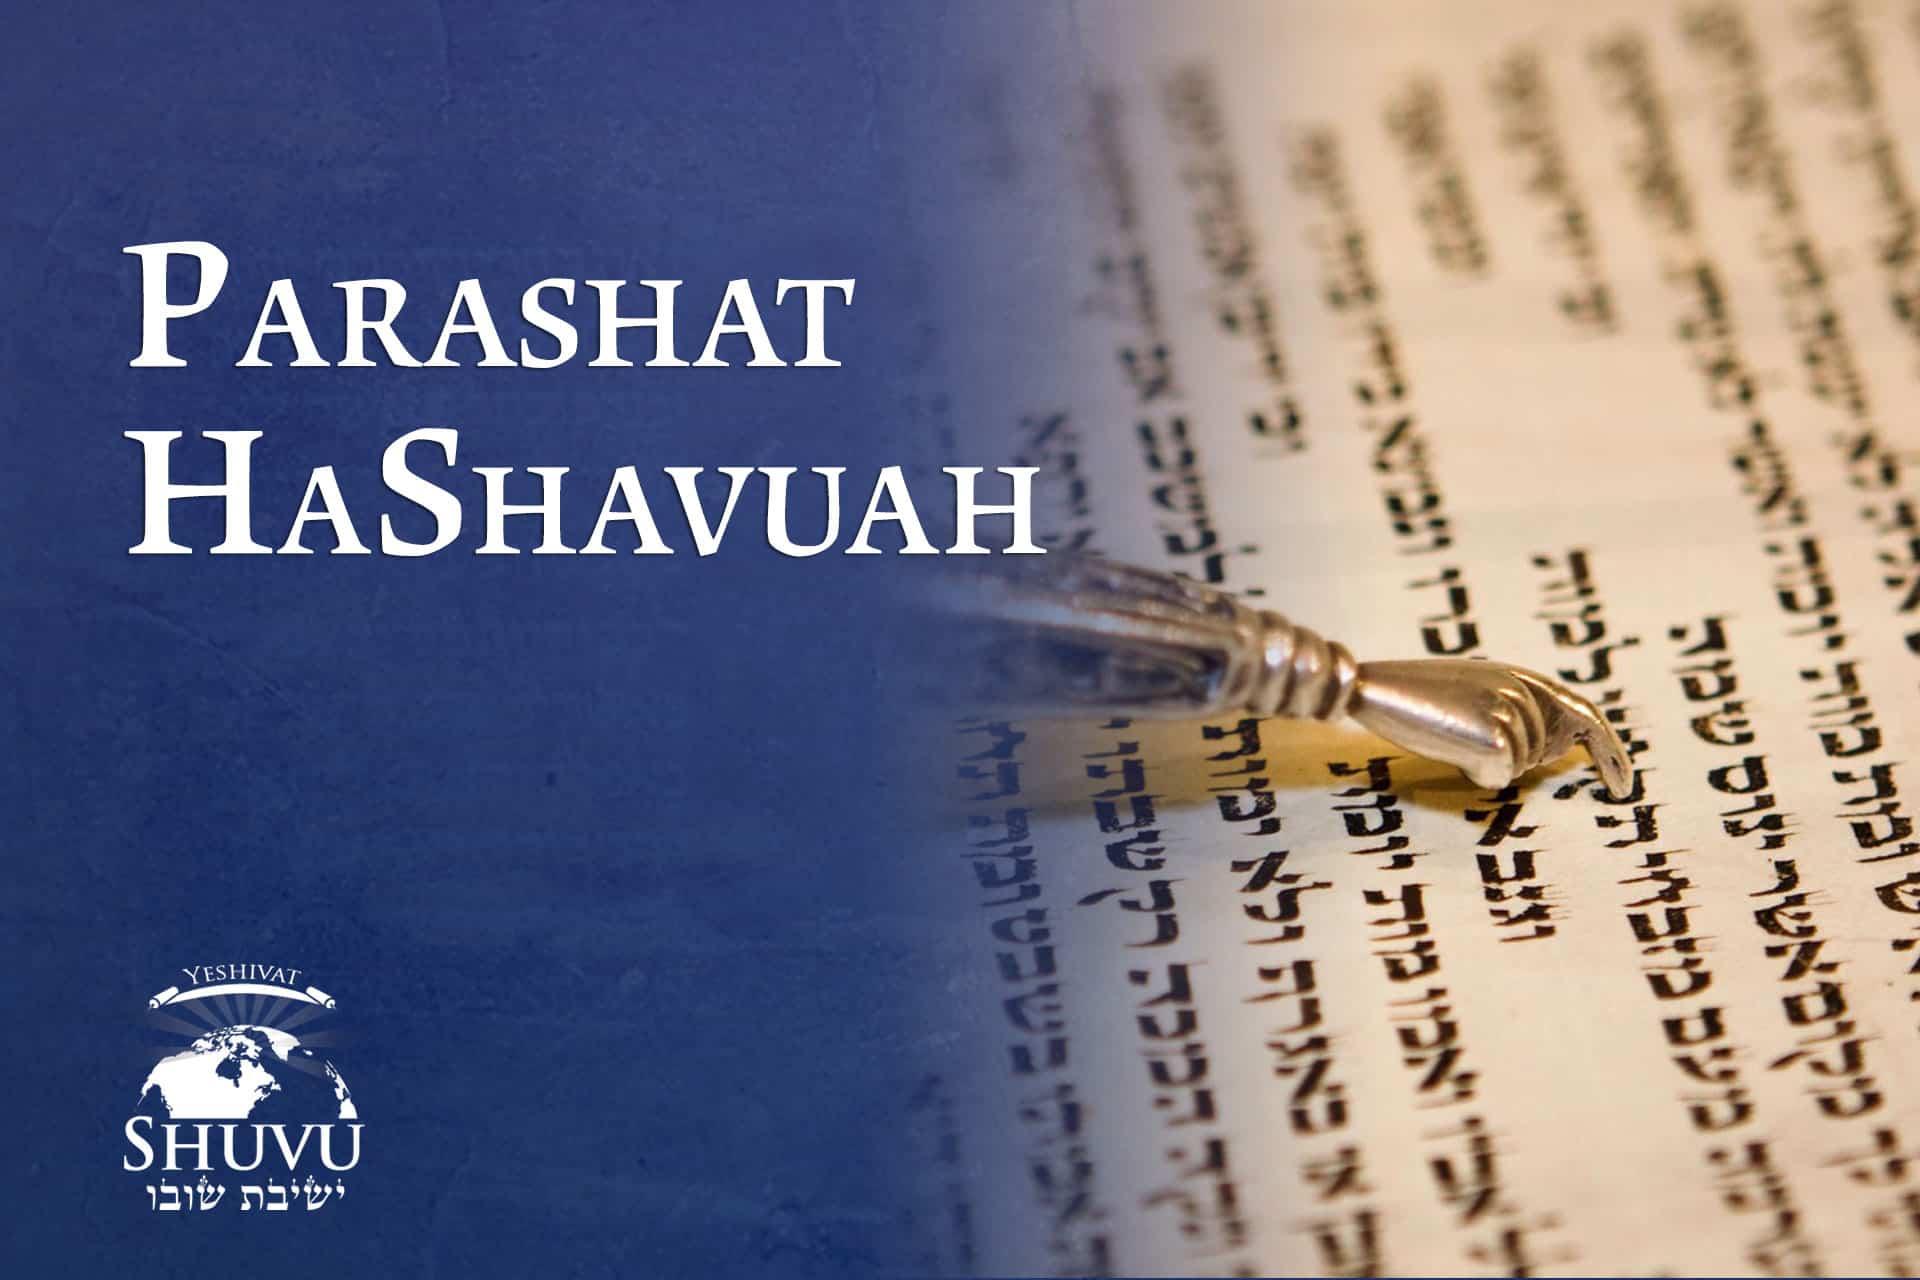 cover_yeshivat_shuvu_parashat_hashavuah_ENG